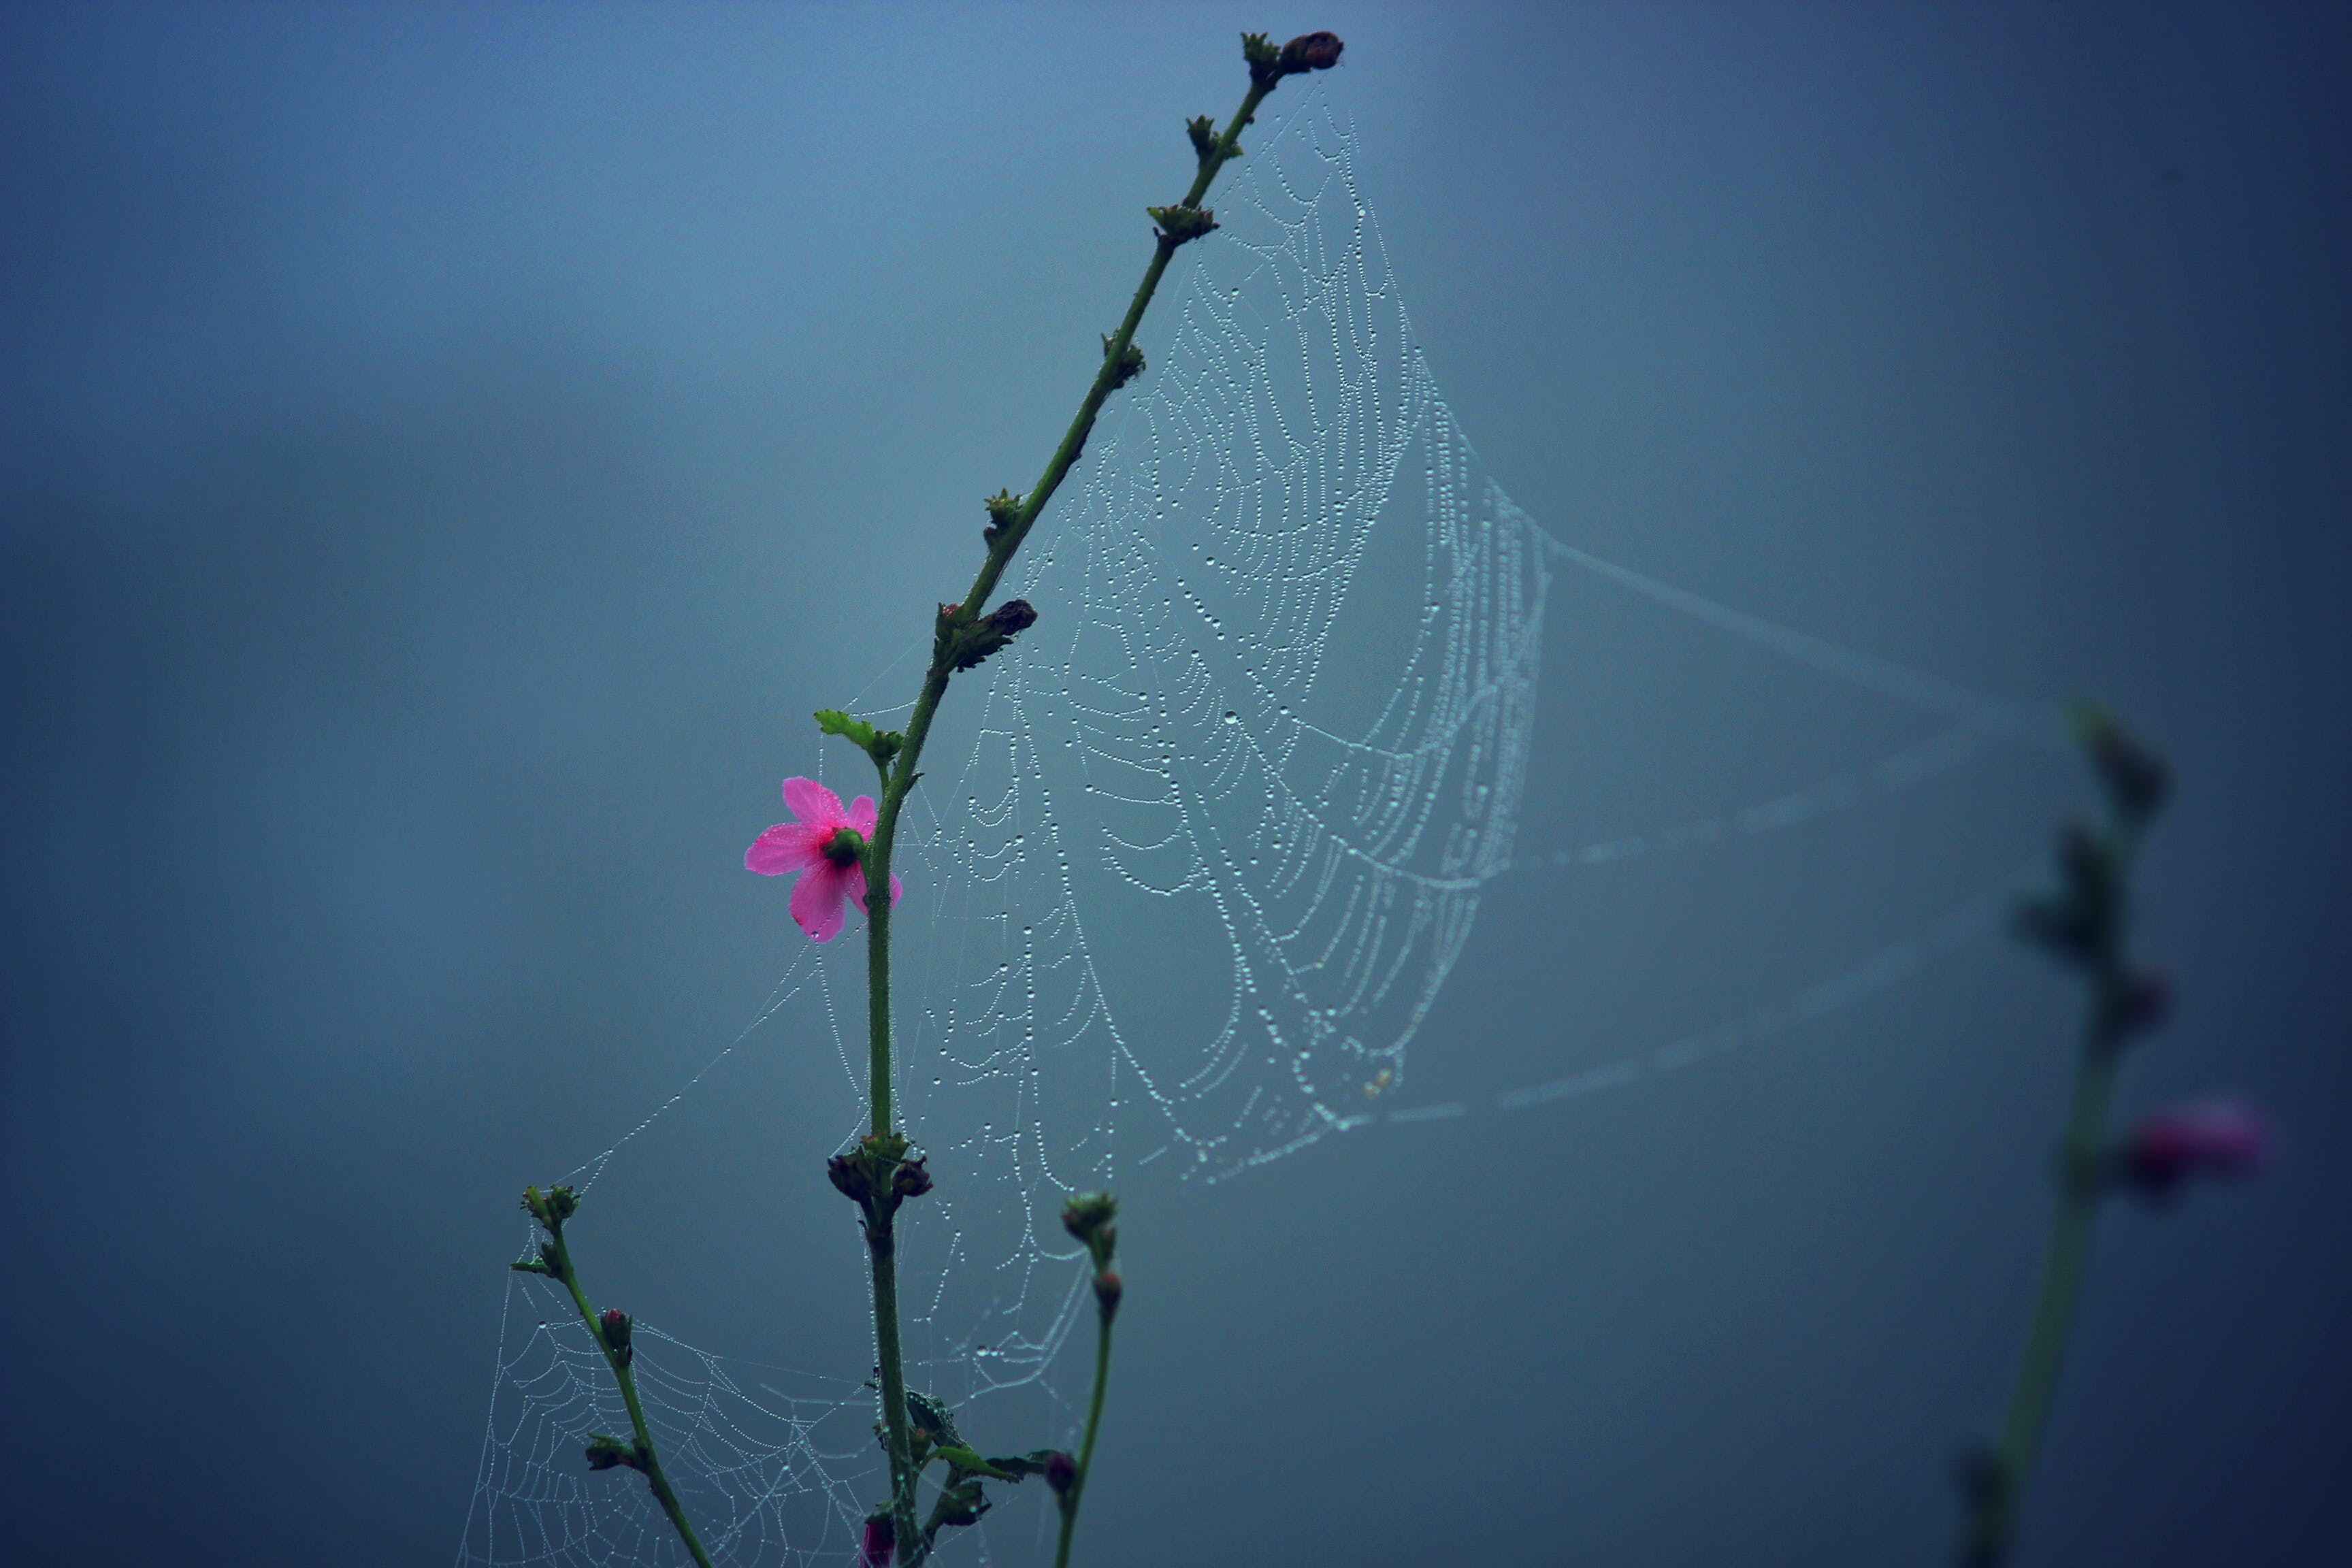 Kostenloses Stock Foto zu netz, spinnennetz, tau